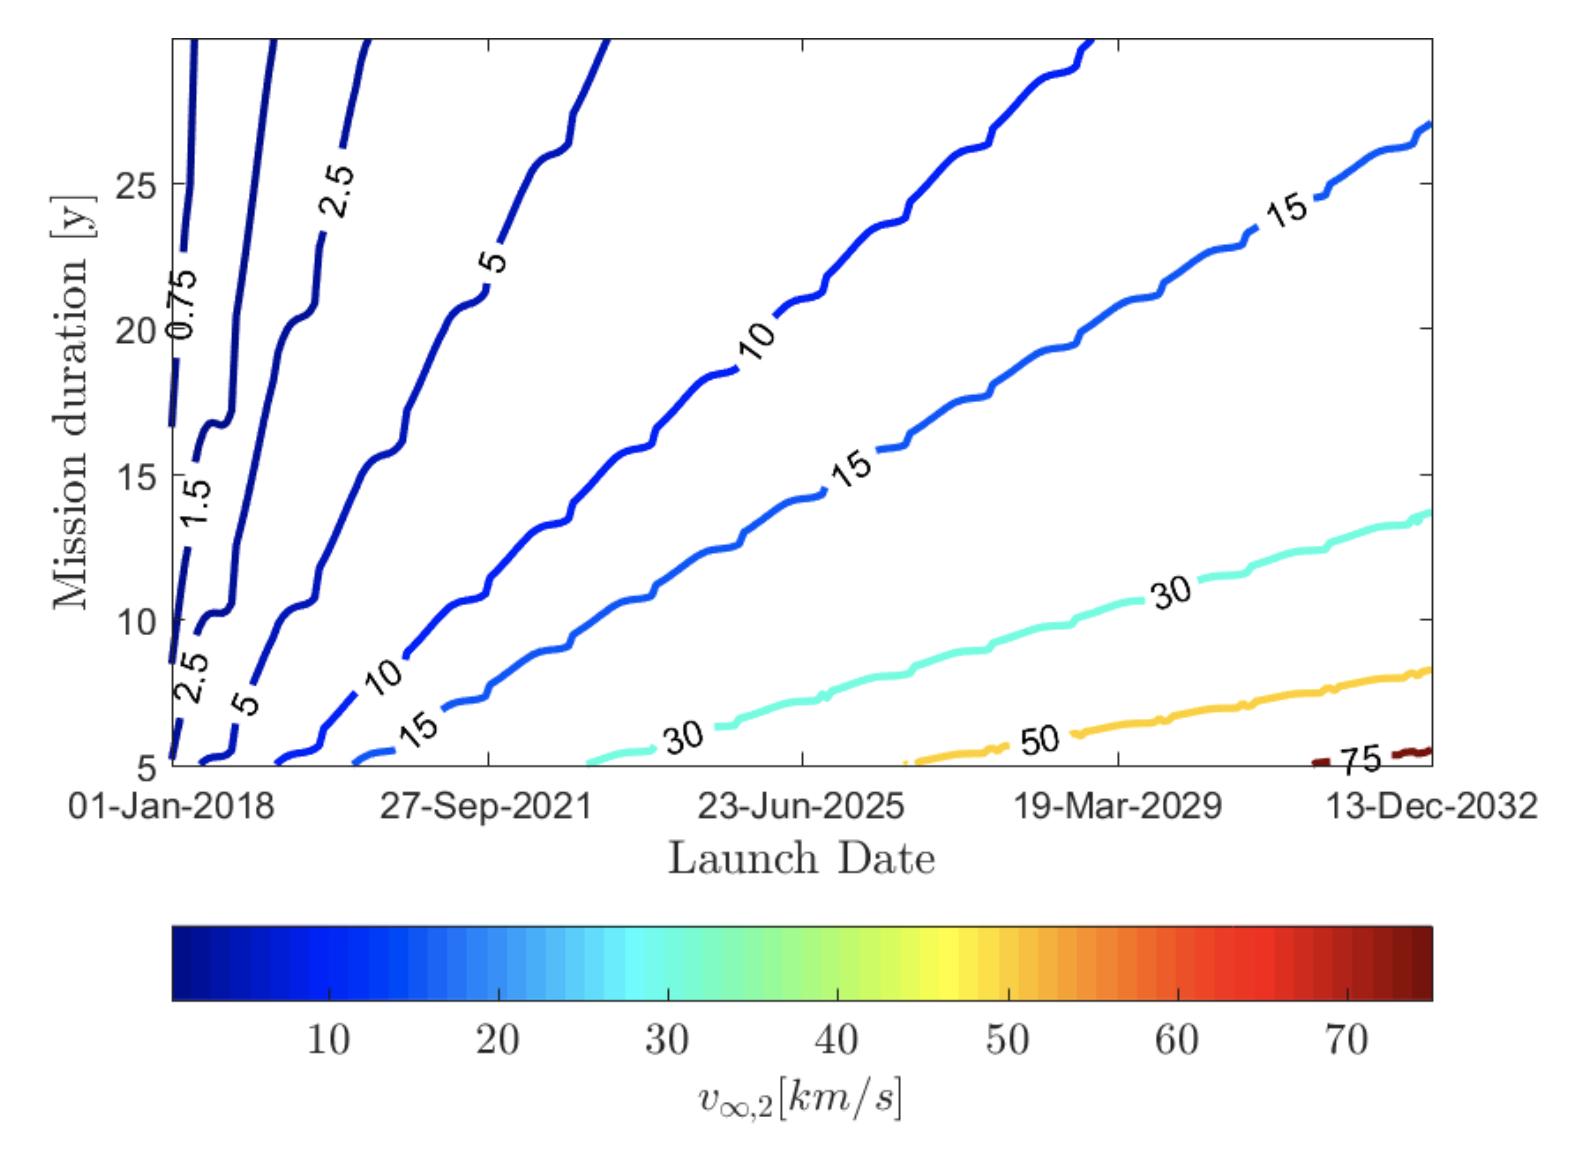 Una sonda espacial para estudiar el objeto interestelar ʻOumuamua ...